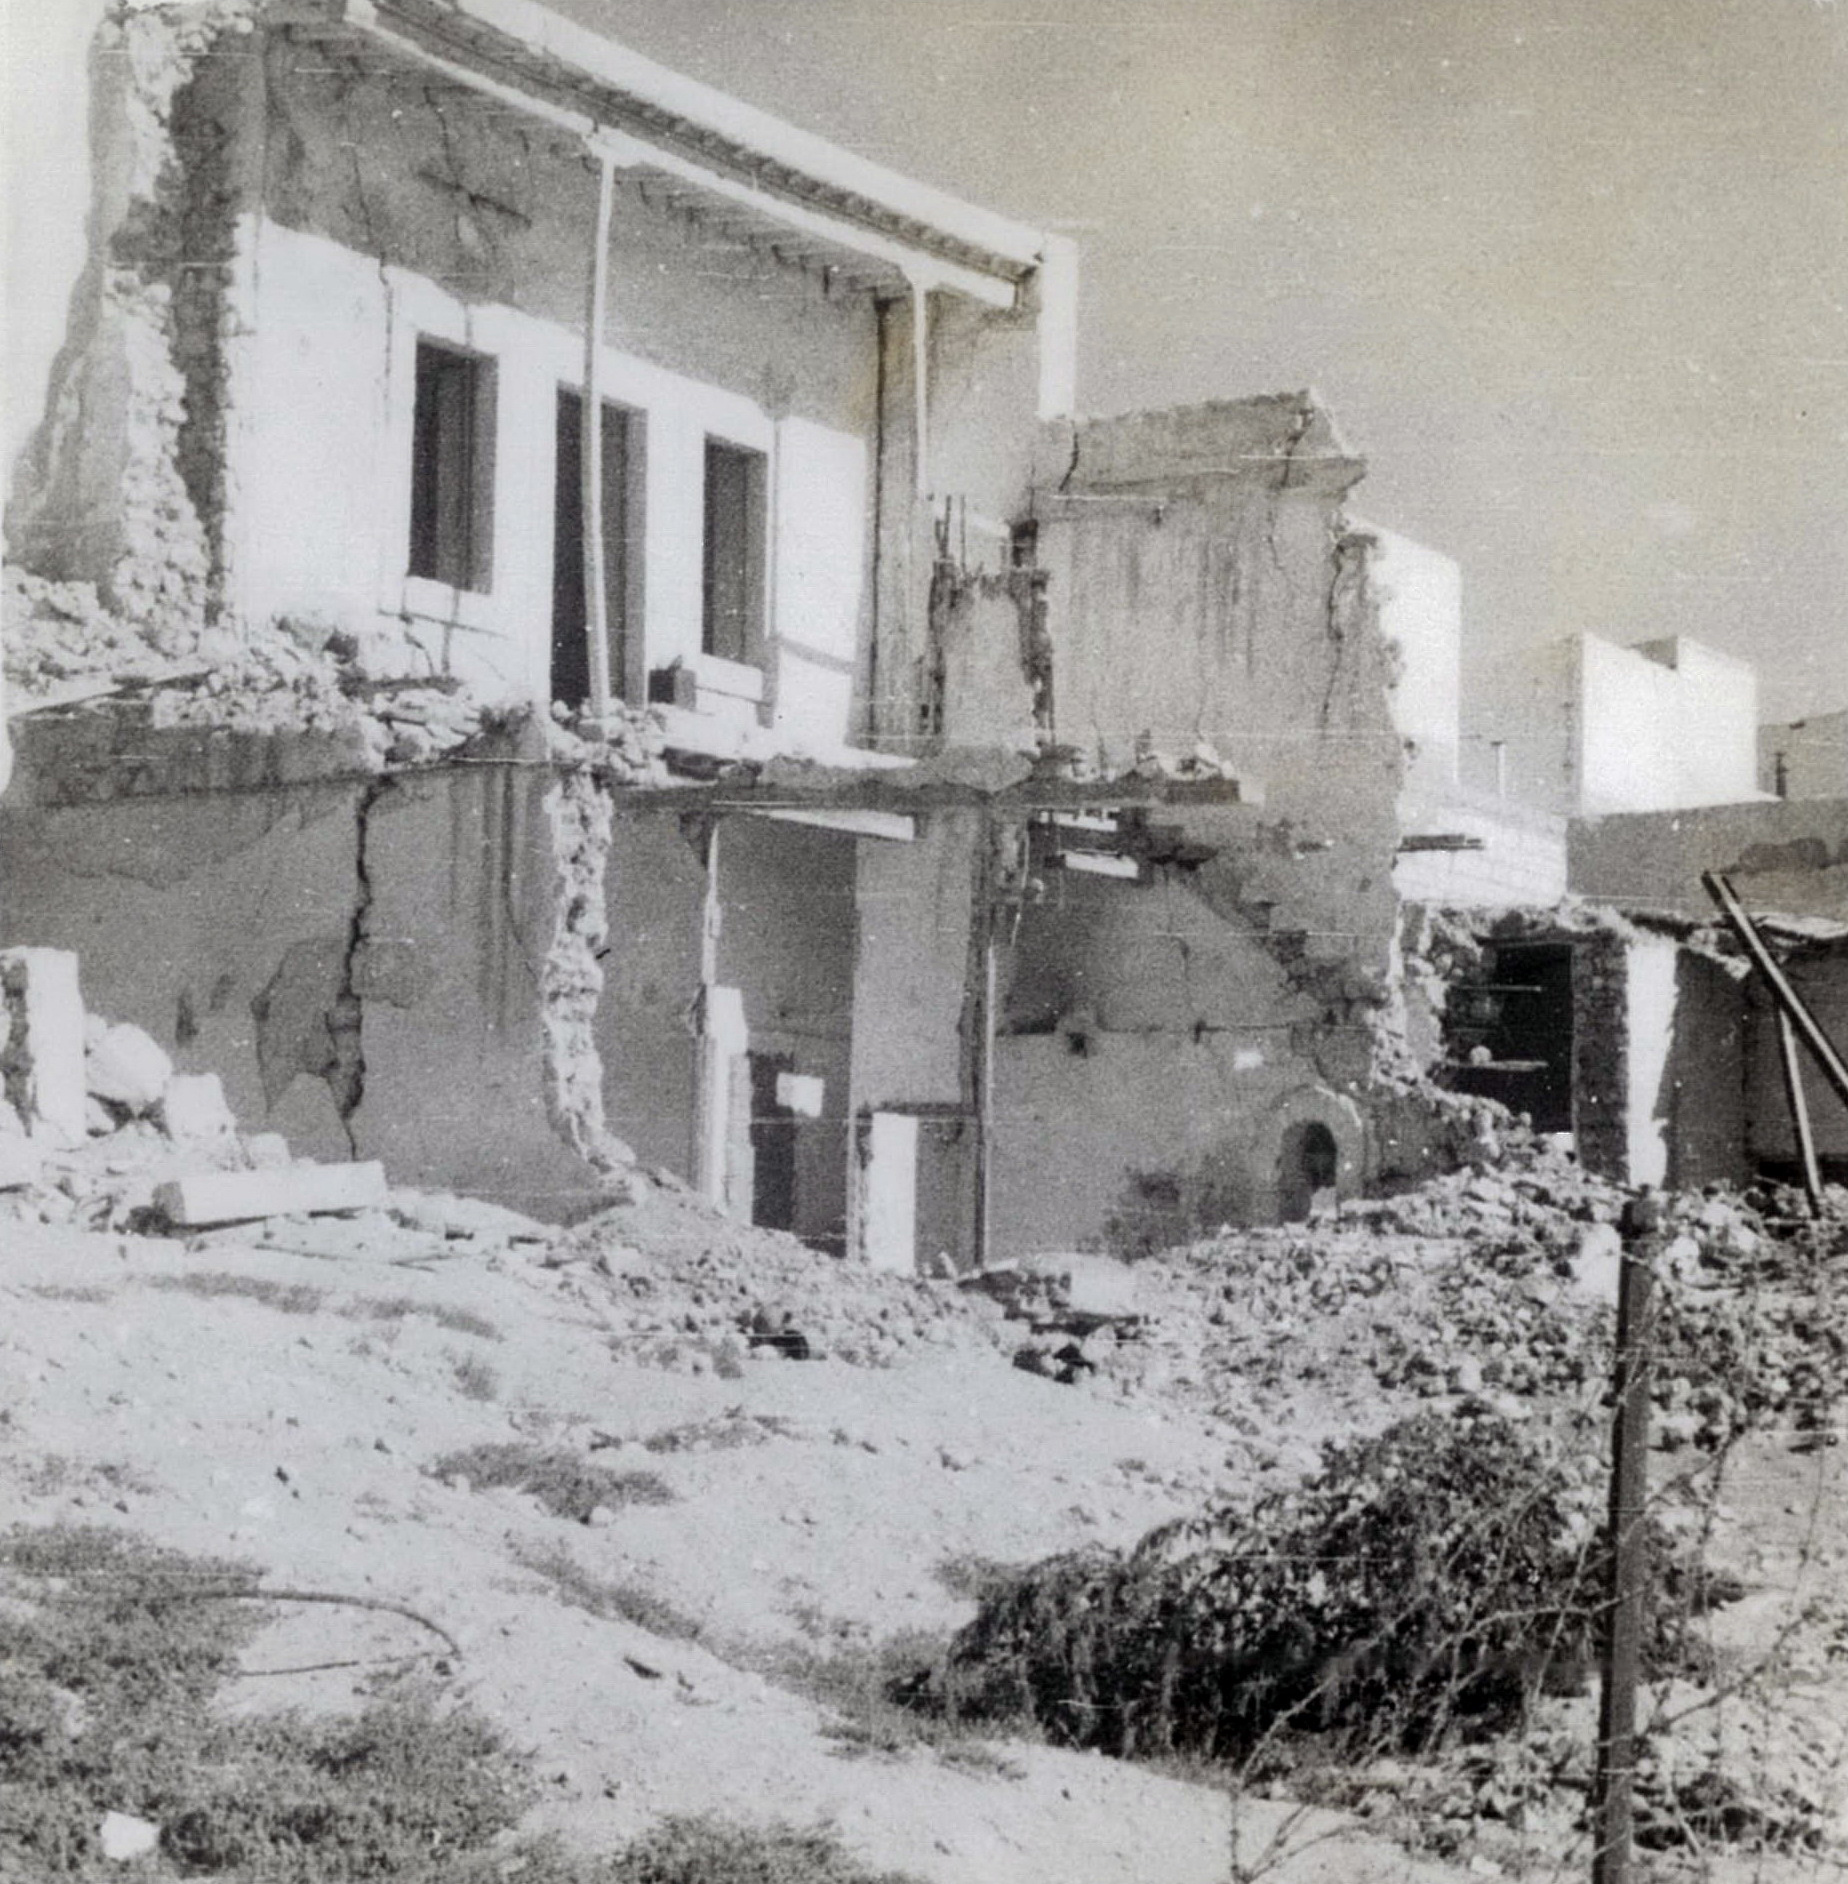 Benghazi Libya 1944 - 2